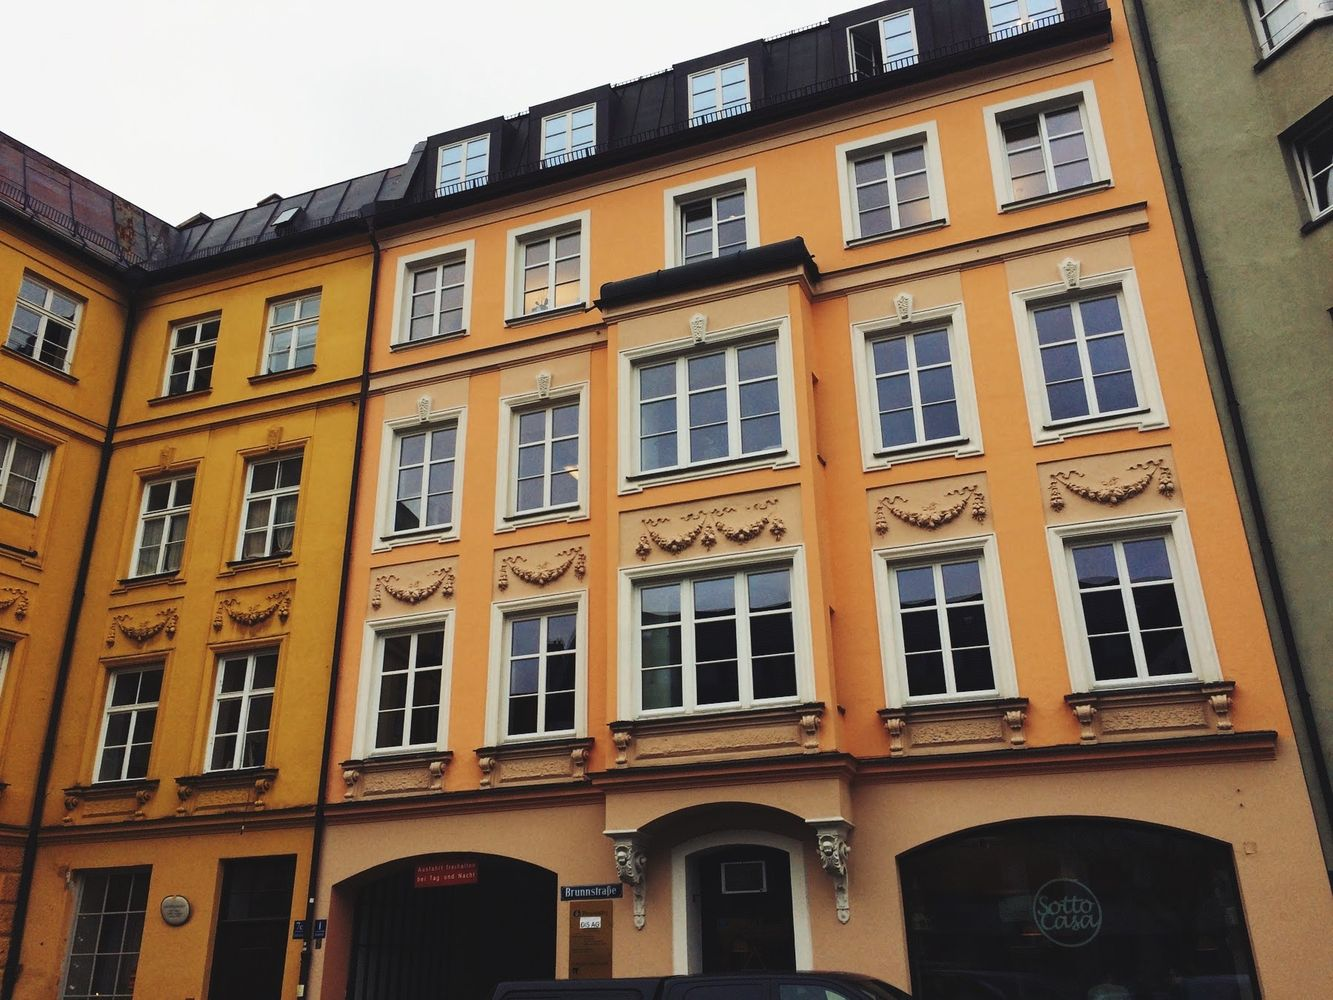 Exploring Altstadt, Munich